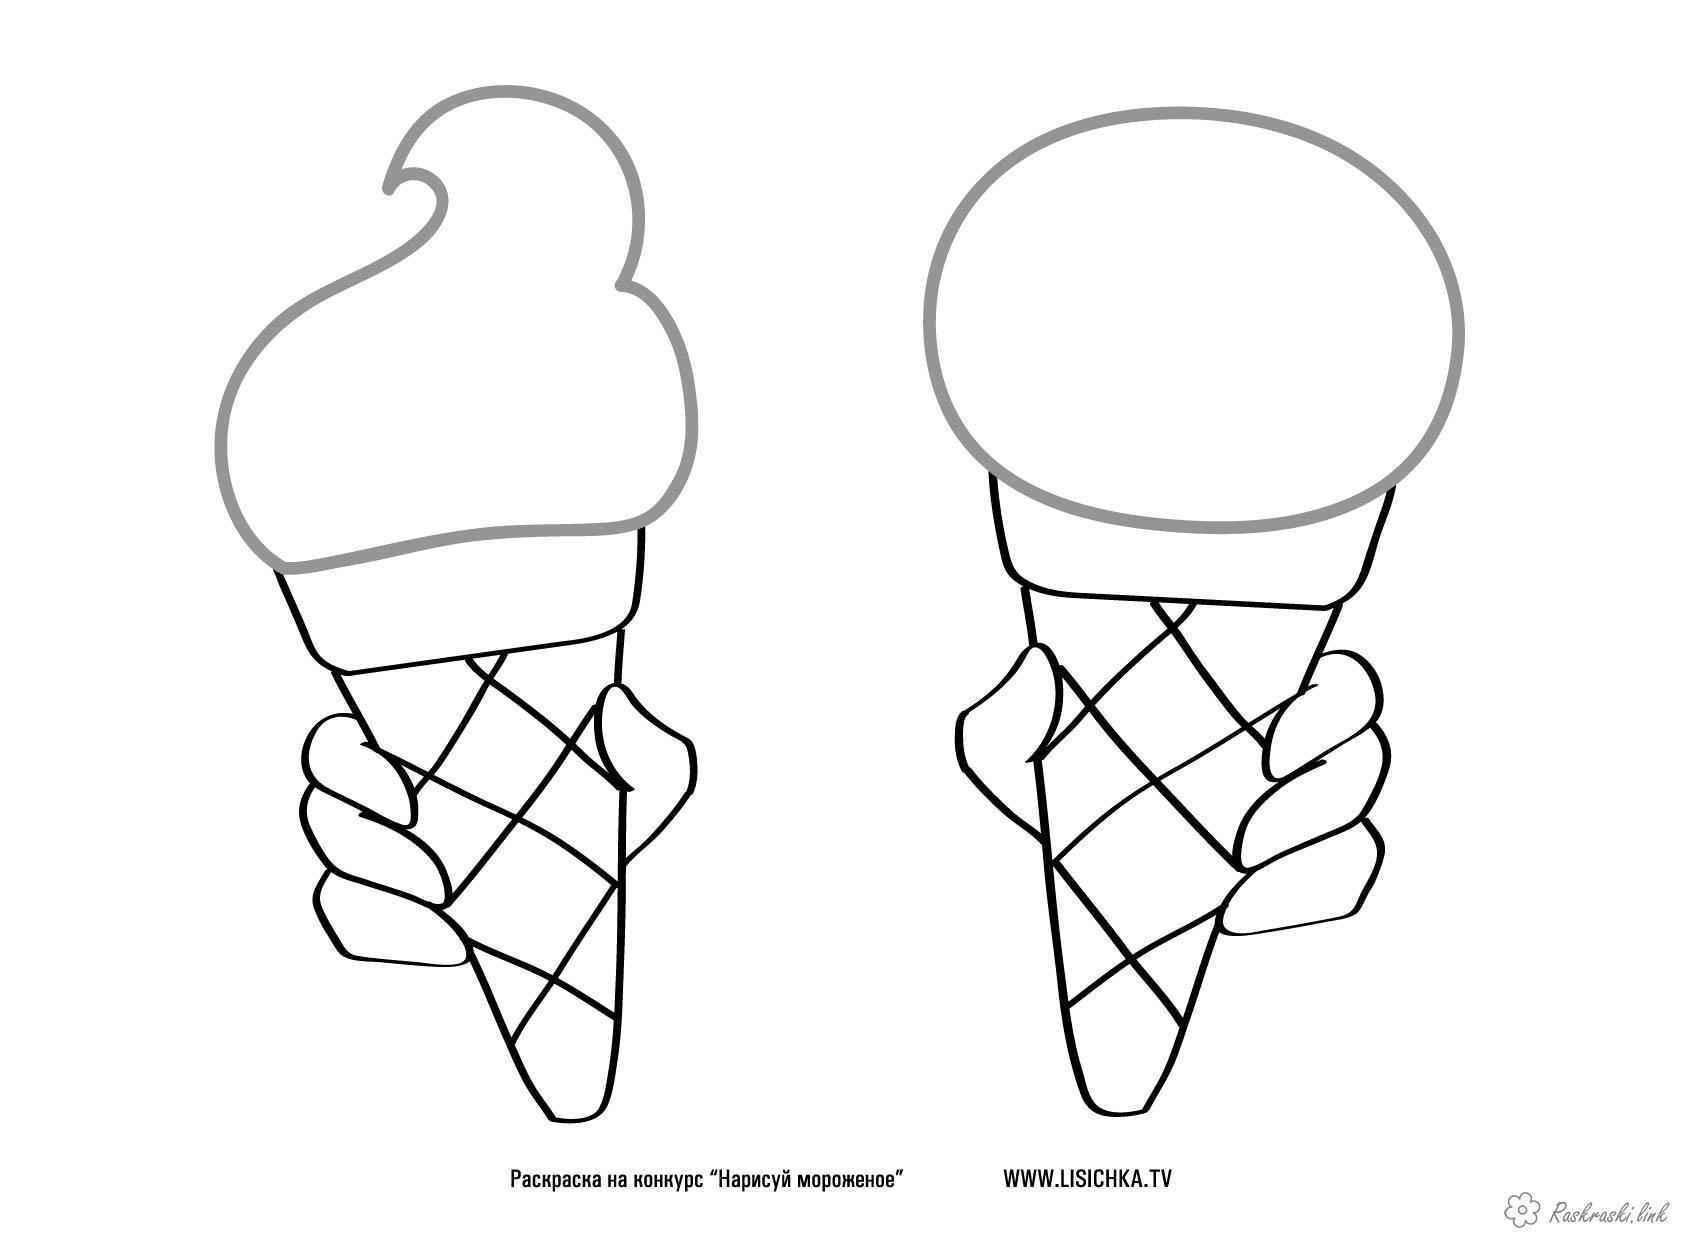 Розмальовки Морозиво Морозиво, ванільне, морозиво, розмальовки дитячі